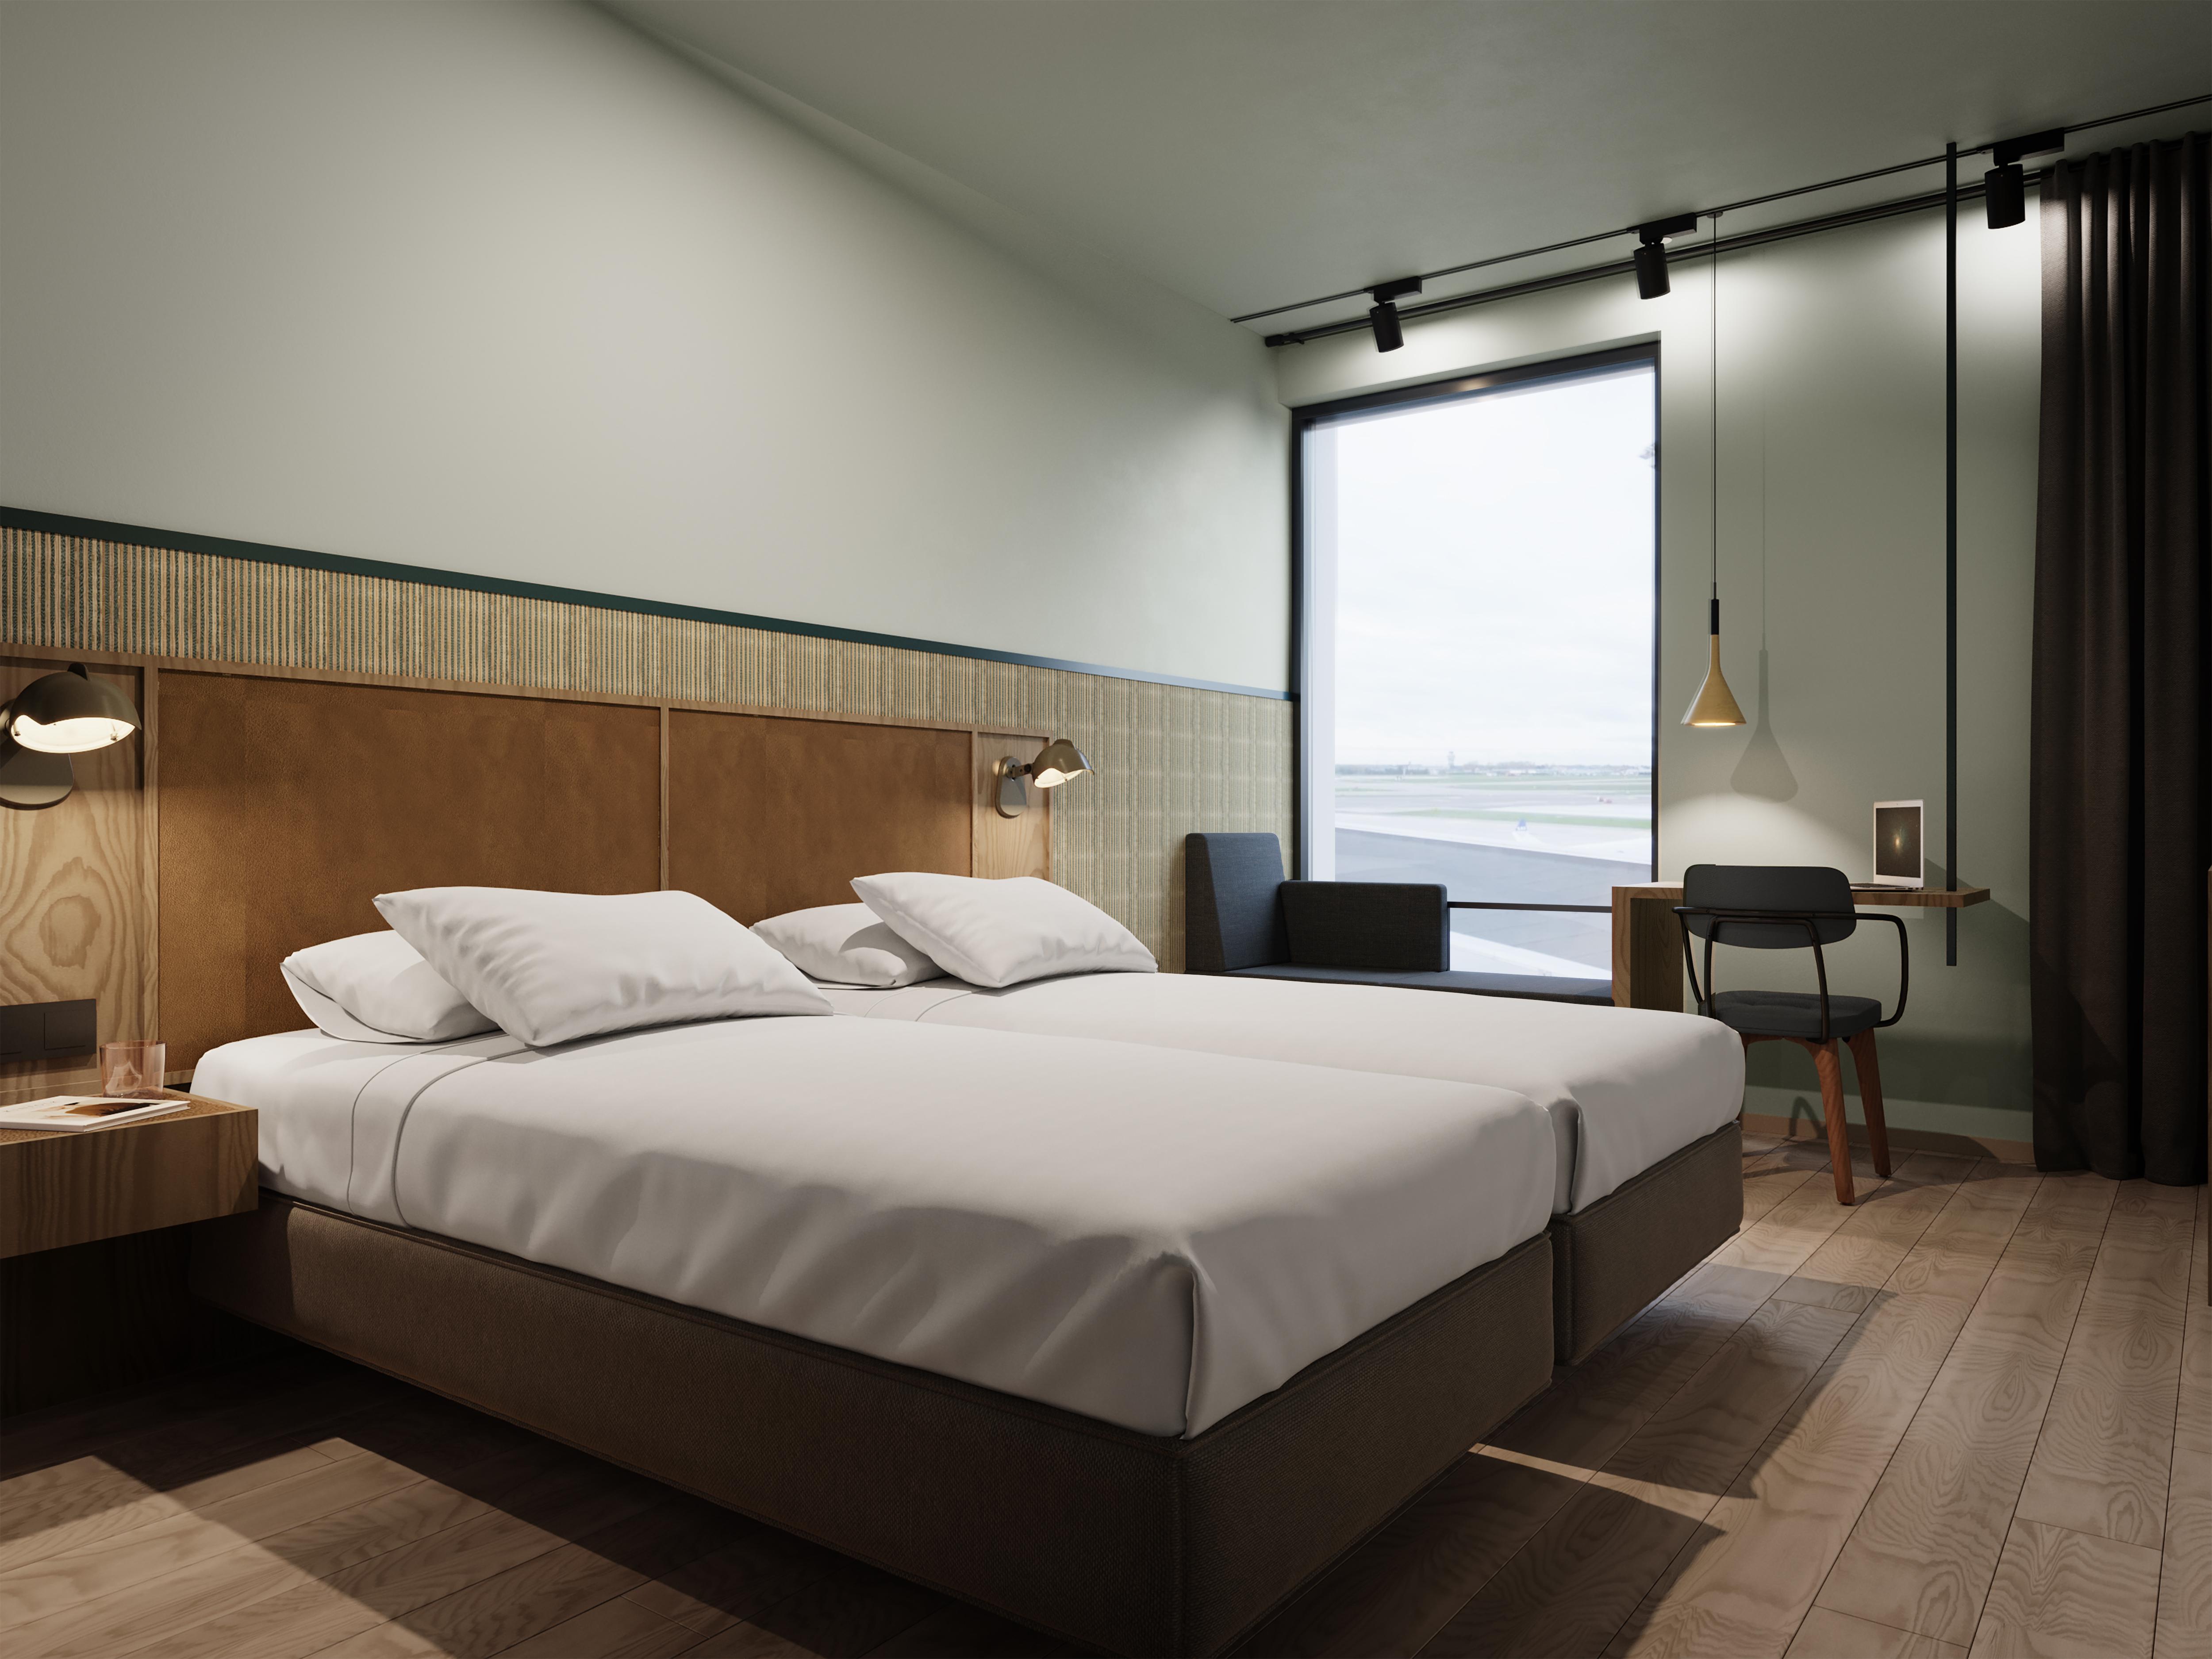 Vejle Rejser forventer at sælge flere hotelværelser via nyt samarbejde med Booking.com – her eksempel på et værelse på Comfort Hotel Copenhagen Airport, der åbner om to år med 604 værelser. Foto: Nordic Choice Hotels.